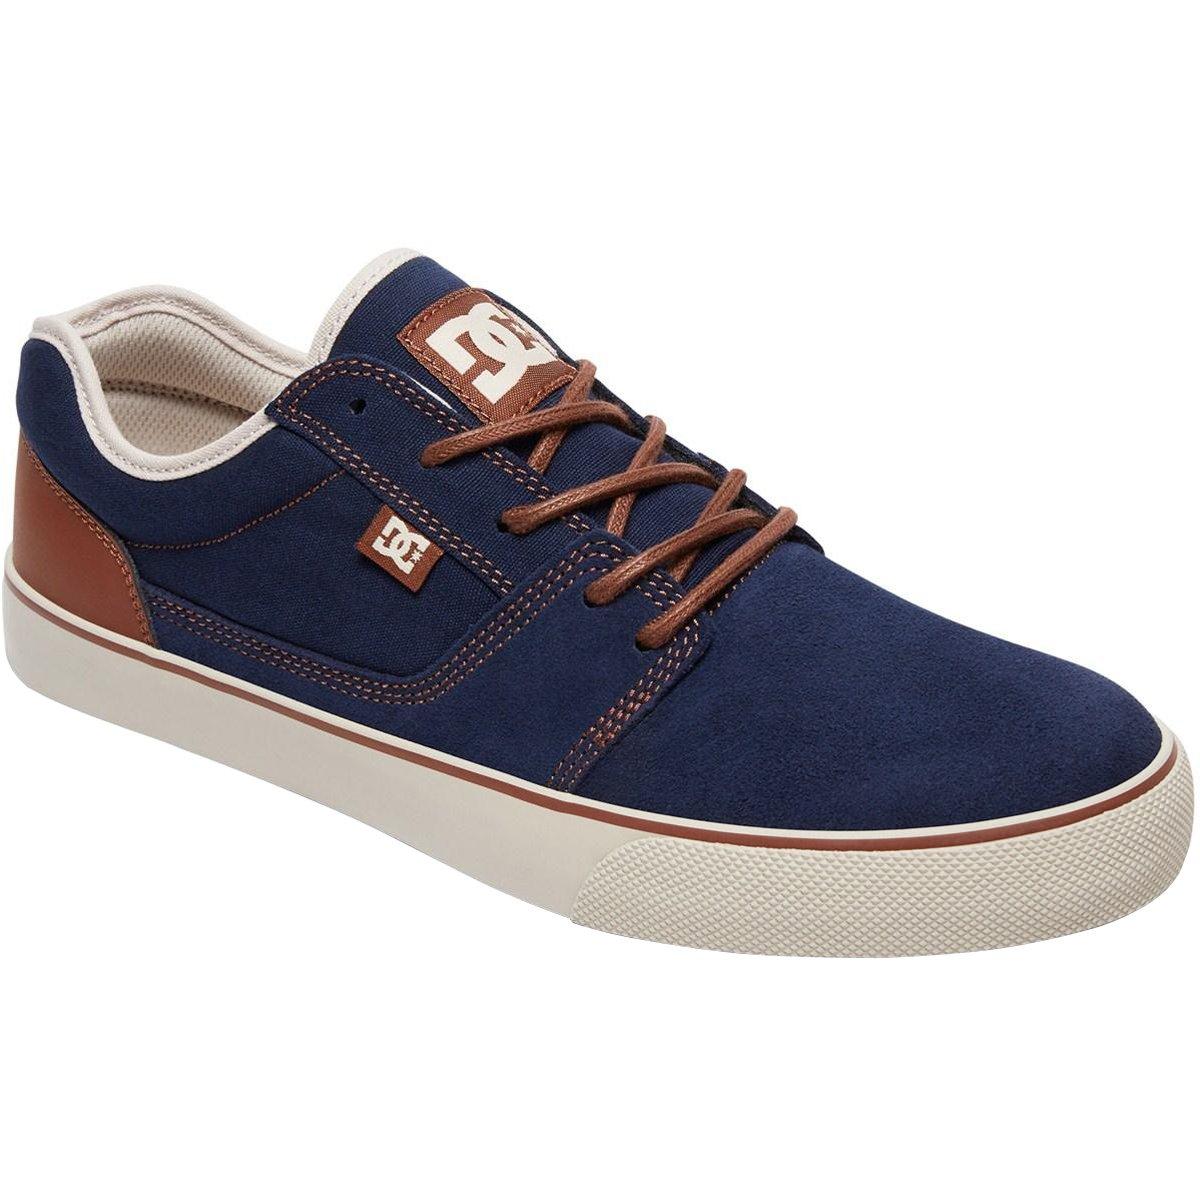 DC Men's Tonik SE Skate Shoe 7.5 D D US Navy/Camel